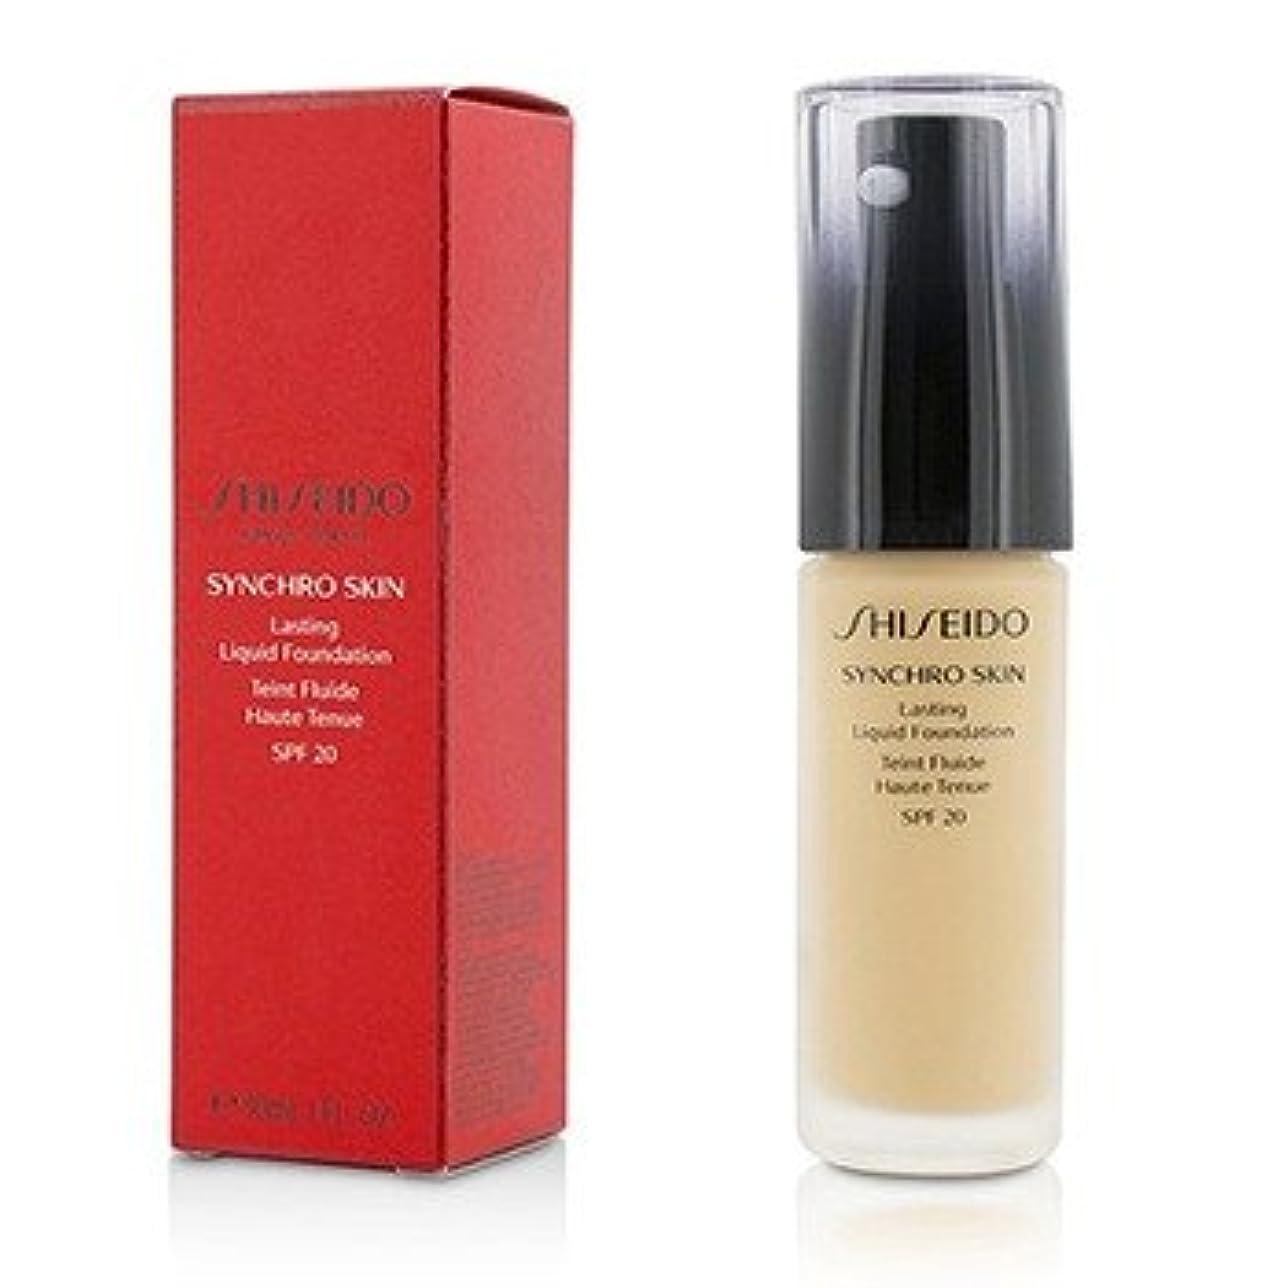 脱臼するミリメートルプレフィックス[Shiseido] Synchro Skin Lasting Liquid Foundation SPF 20 - Neutral 3 30ml/1oz